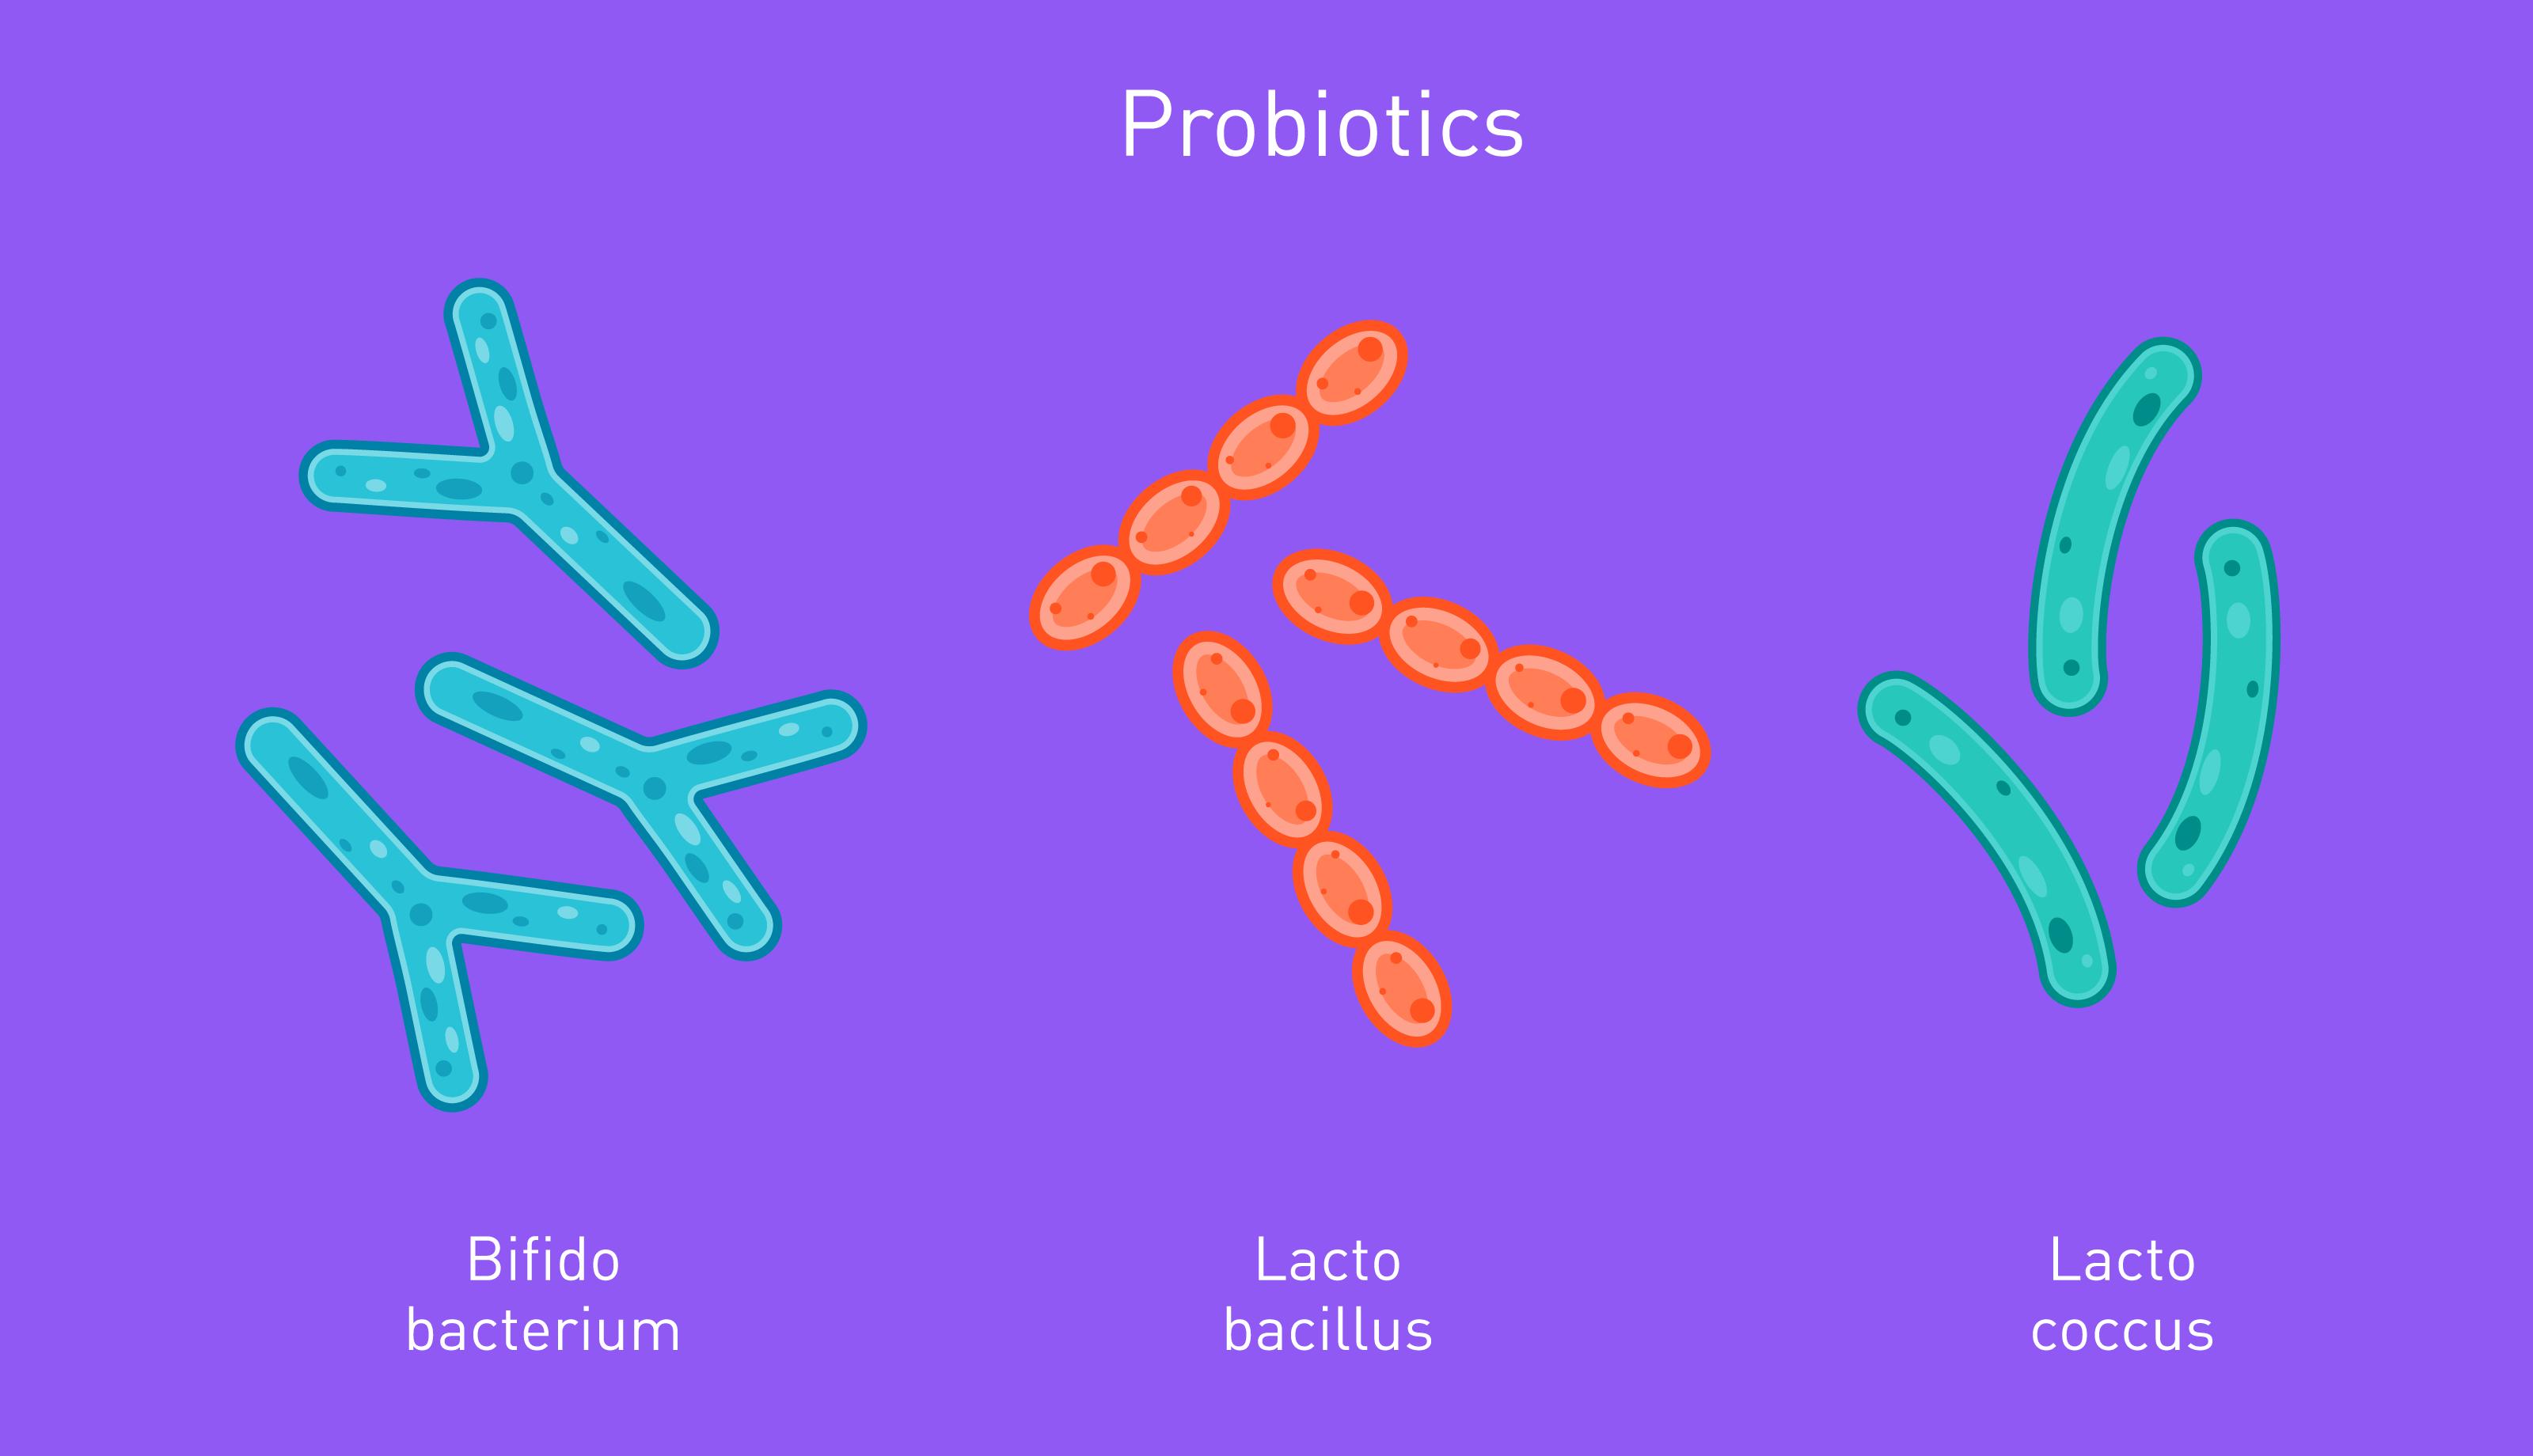 Common bacterial probiotics are Lactobacillus, Bifidobacterium, and Lactococcus.